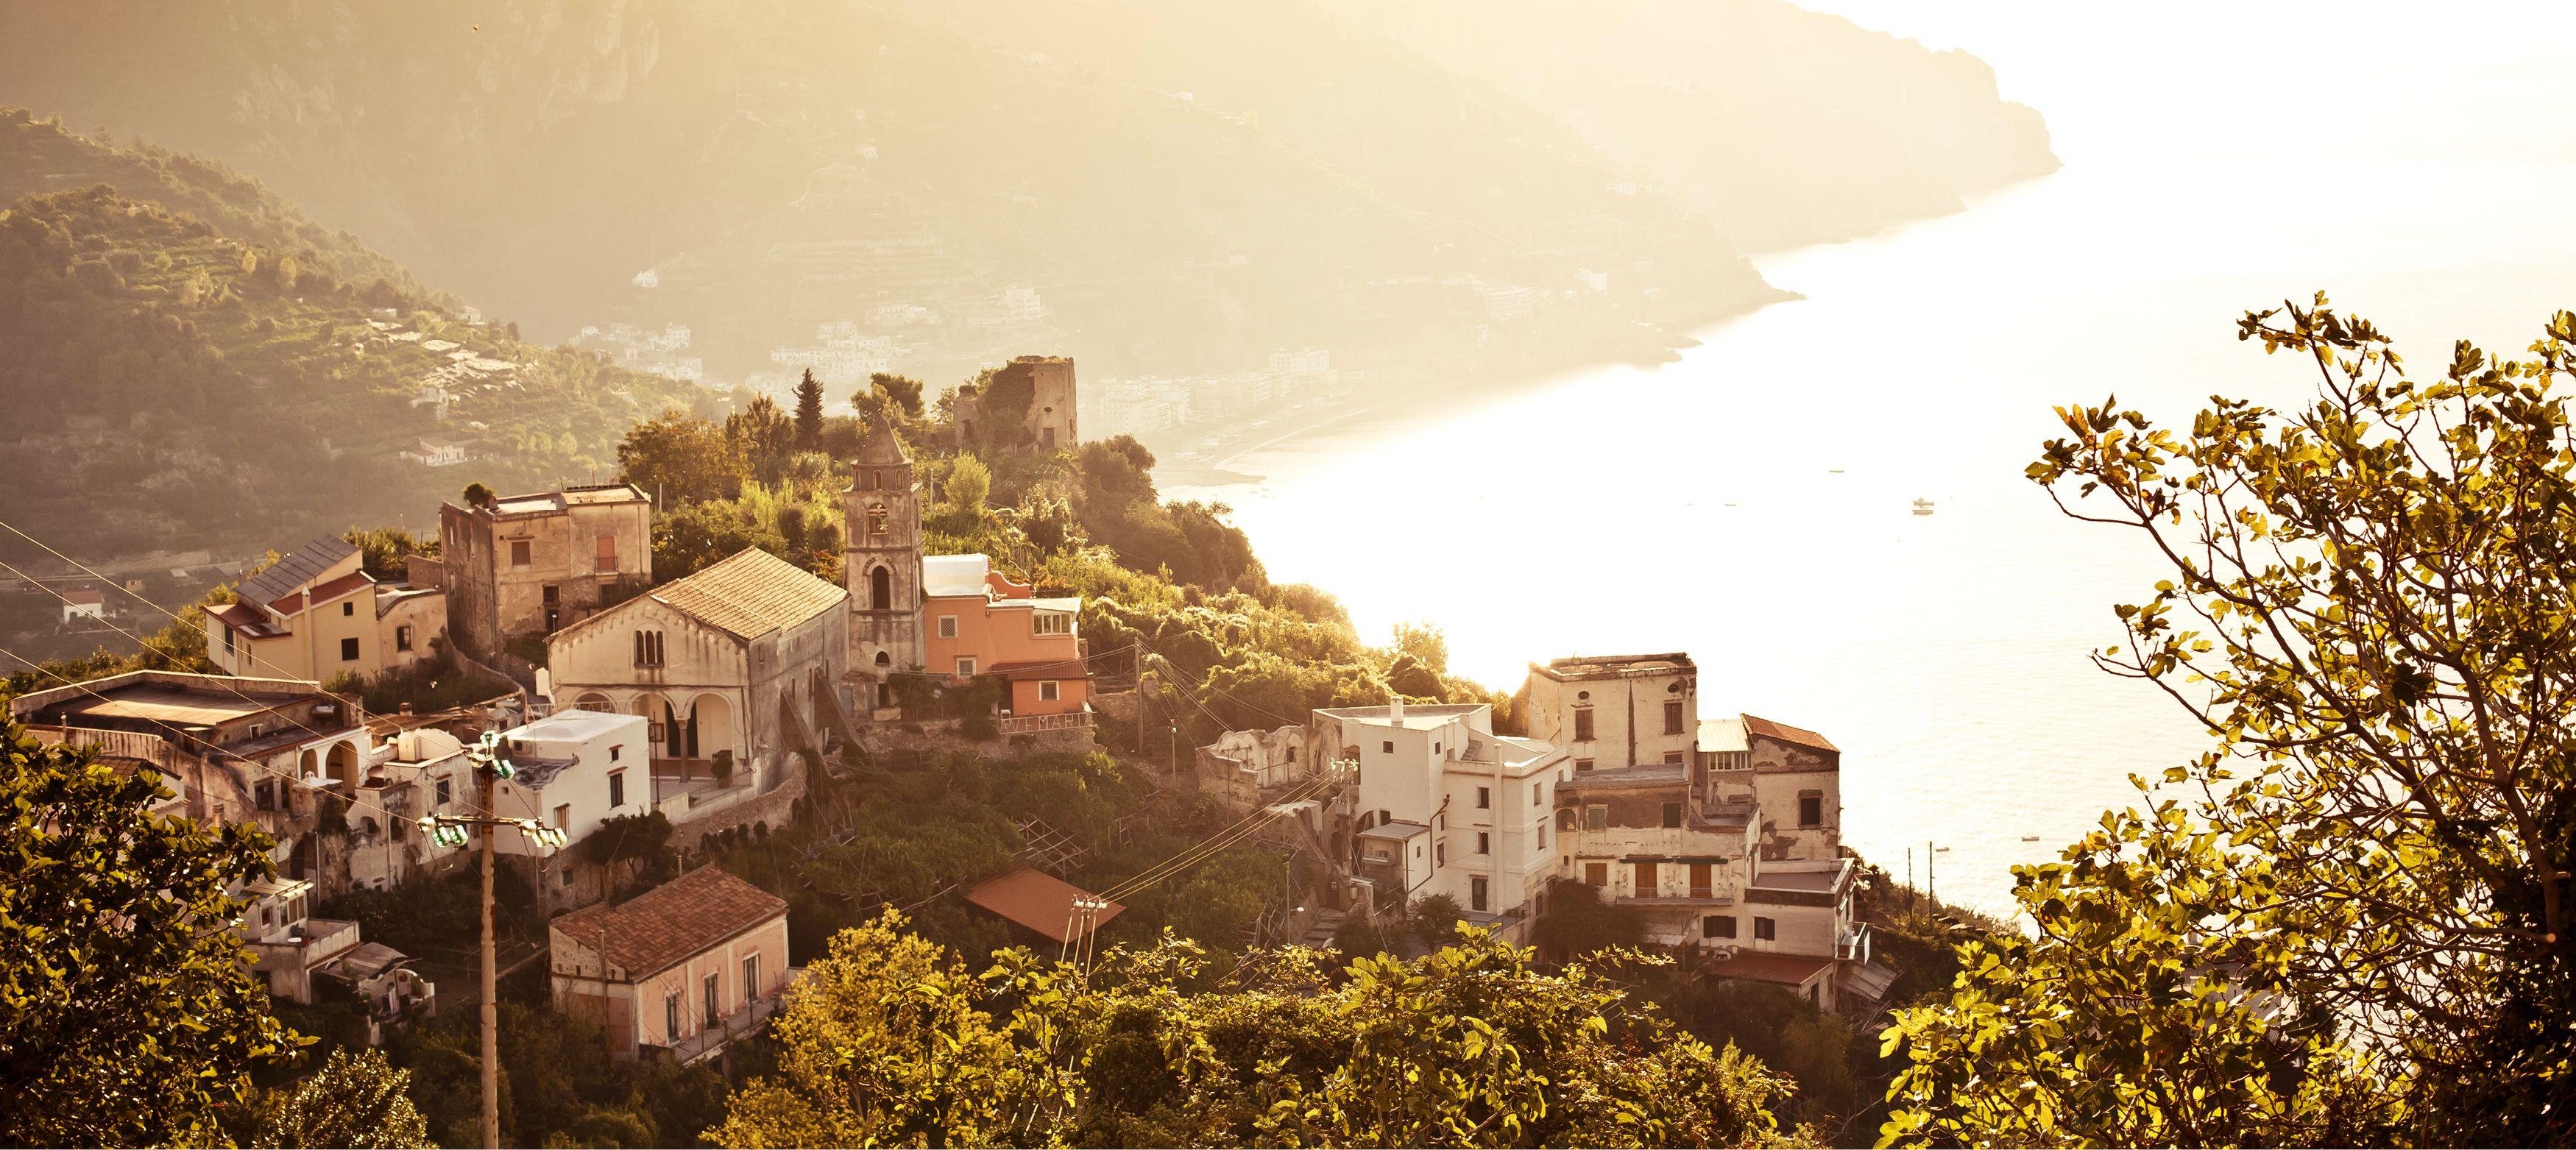 amalfikusten i solljus med idylliska hus på en kulle